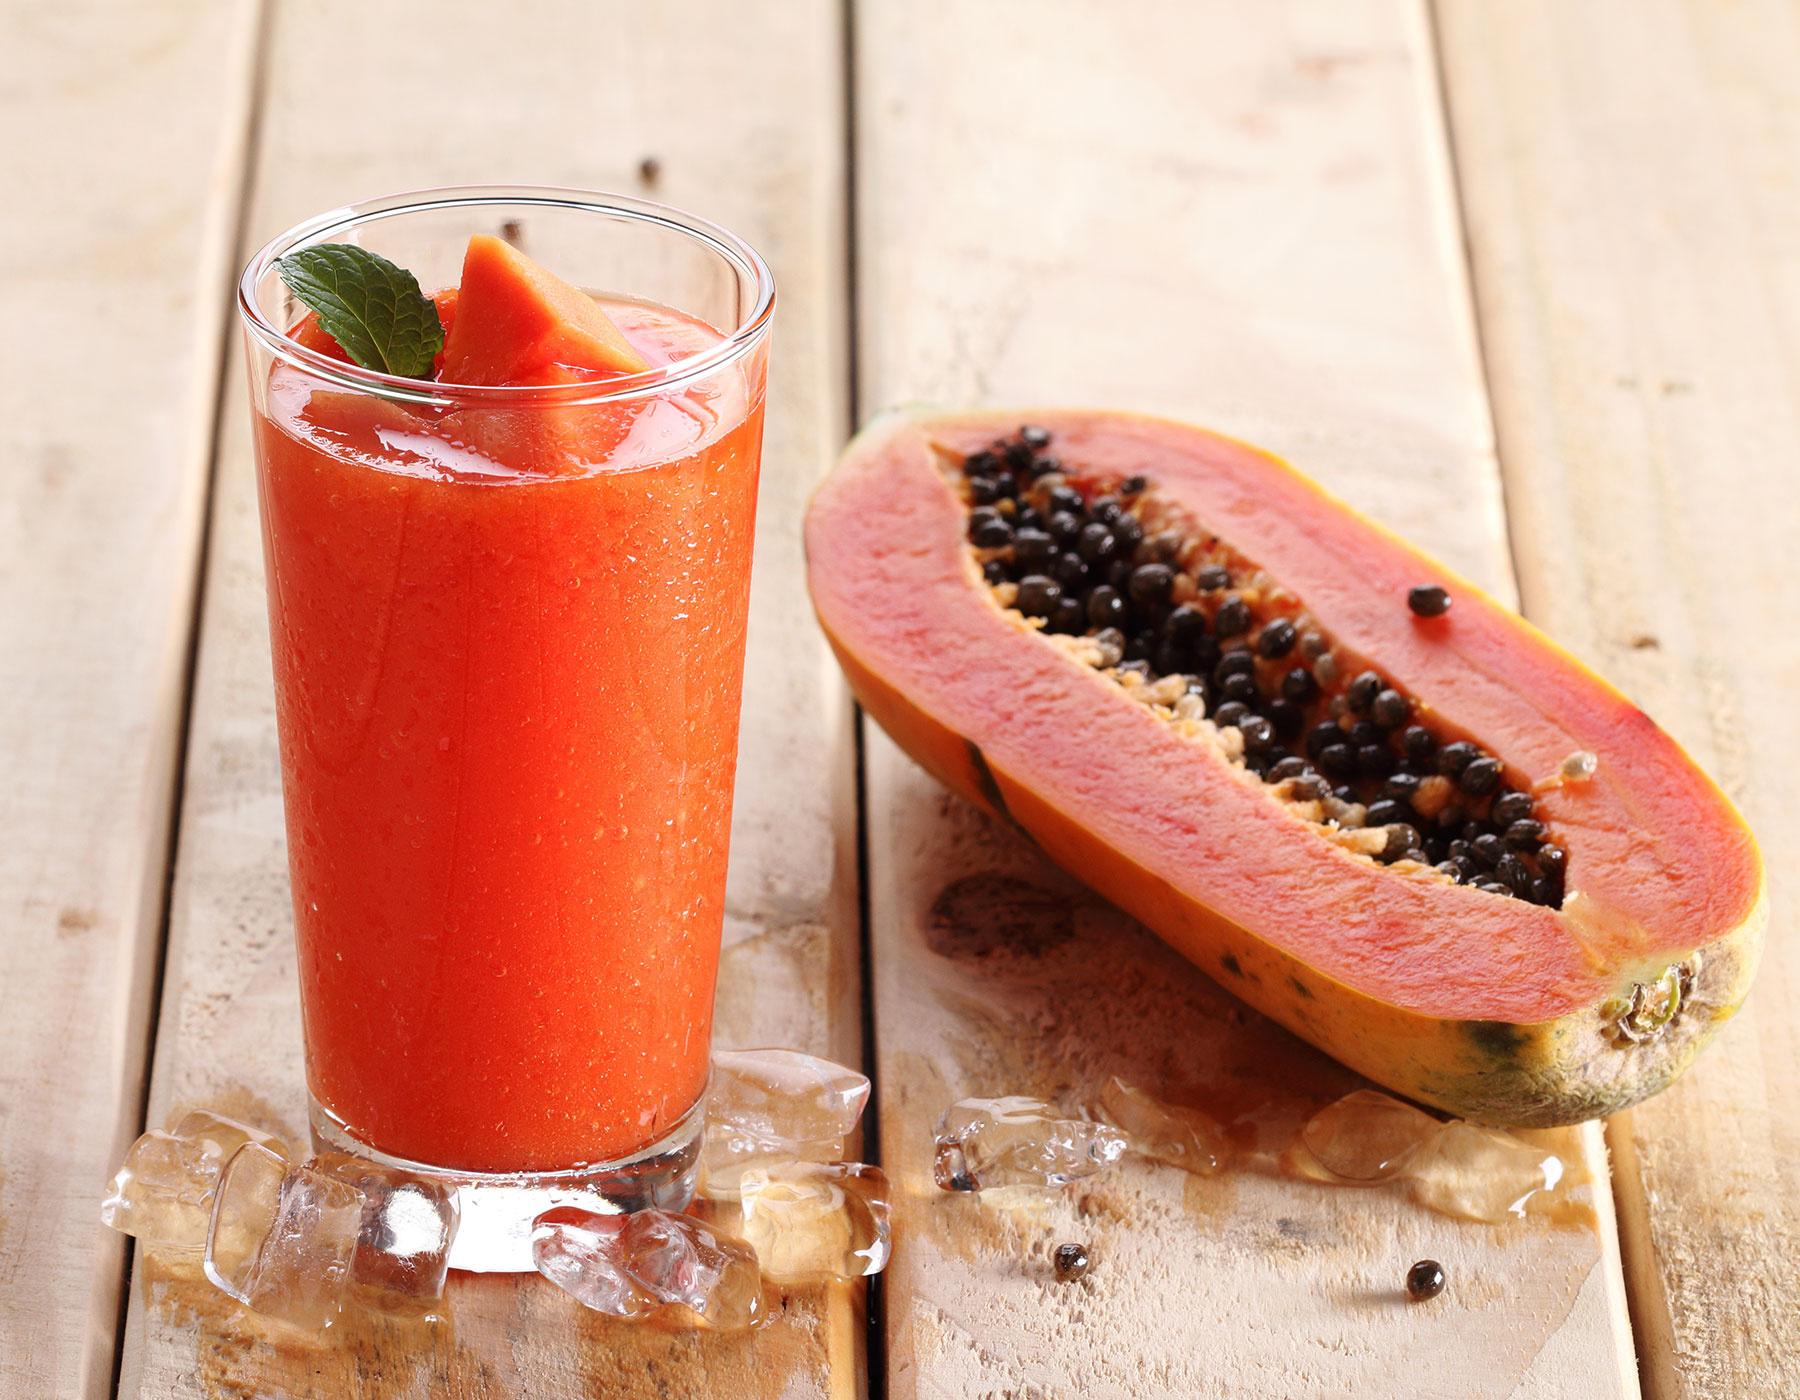 Cómo Aliviar La Gastritis - Jugo de Papaya